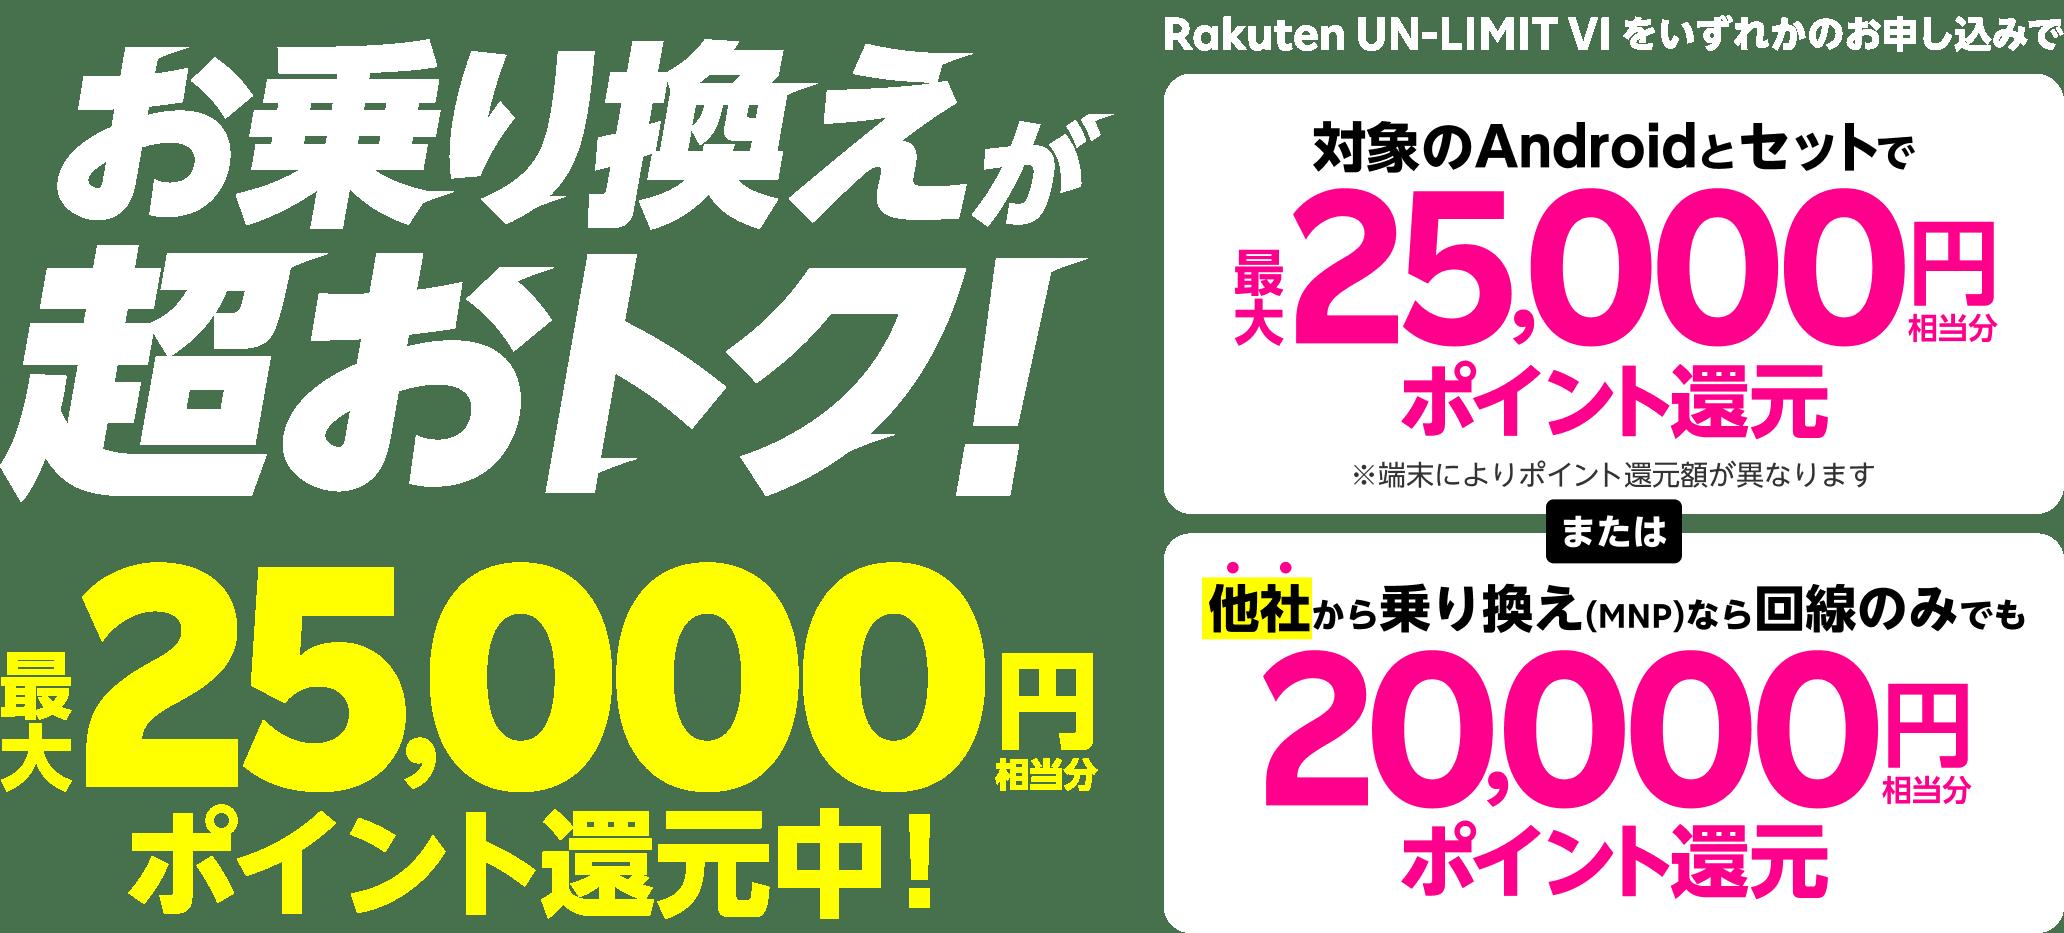 最大25,000ポイント還元キャンペーン